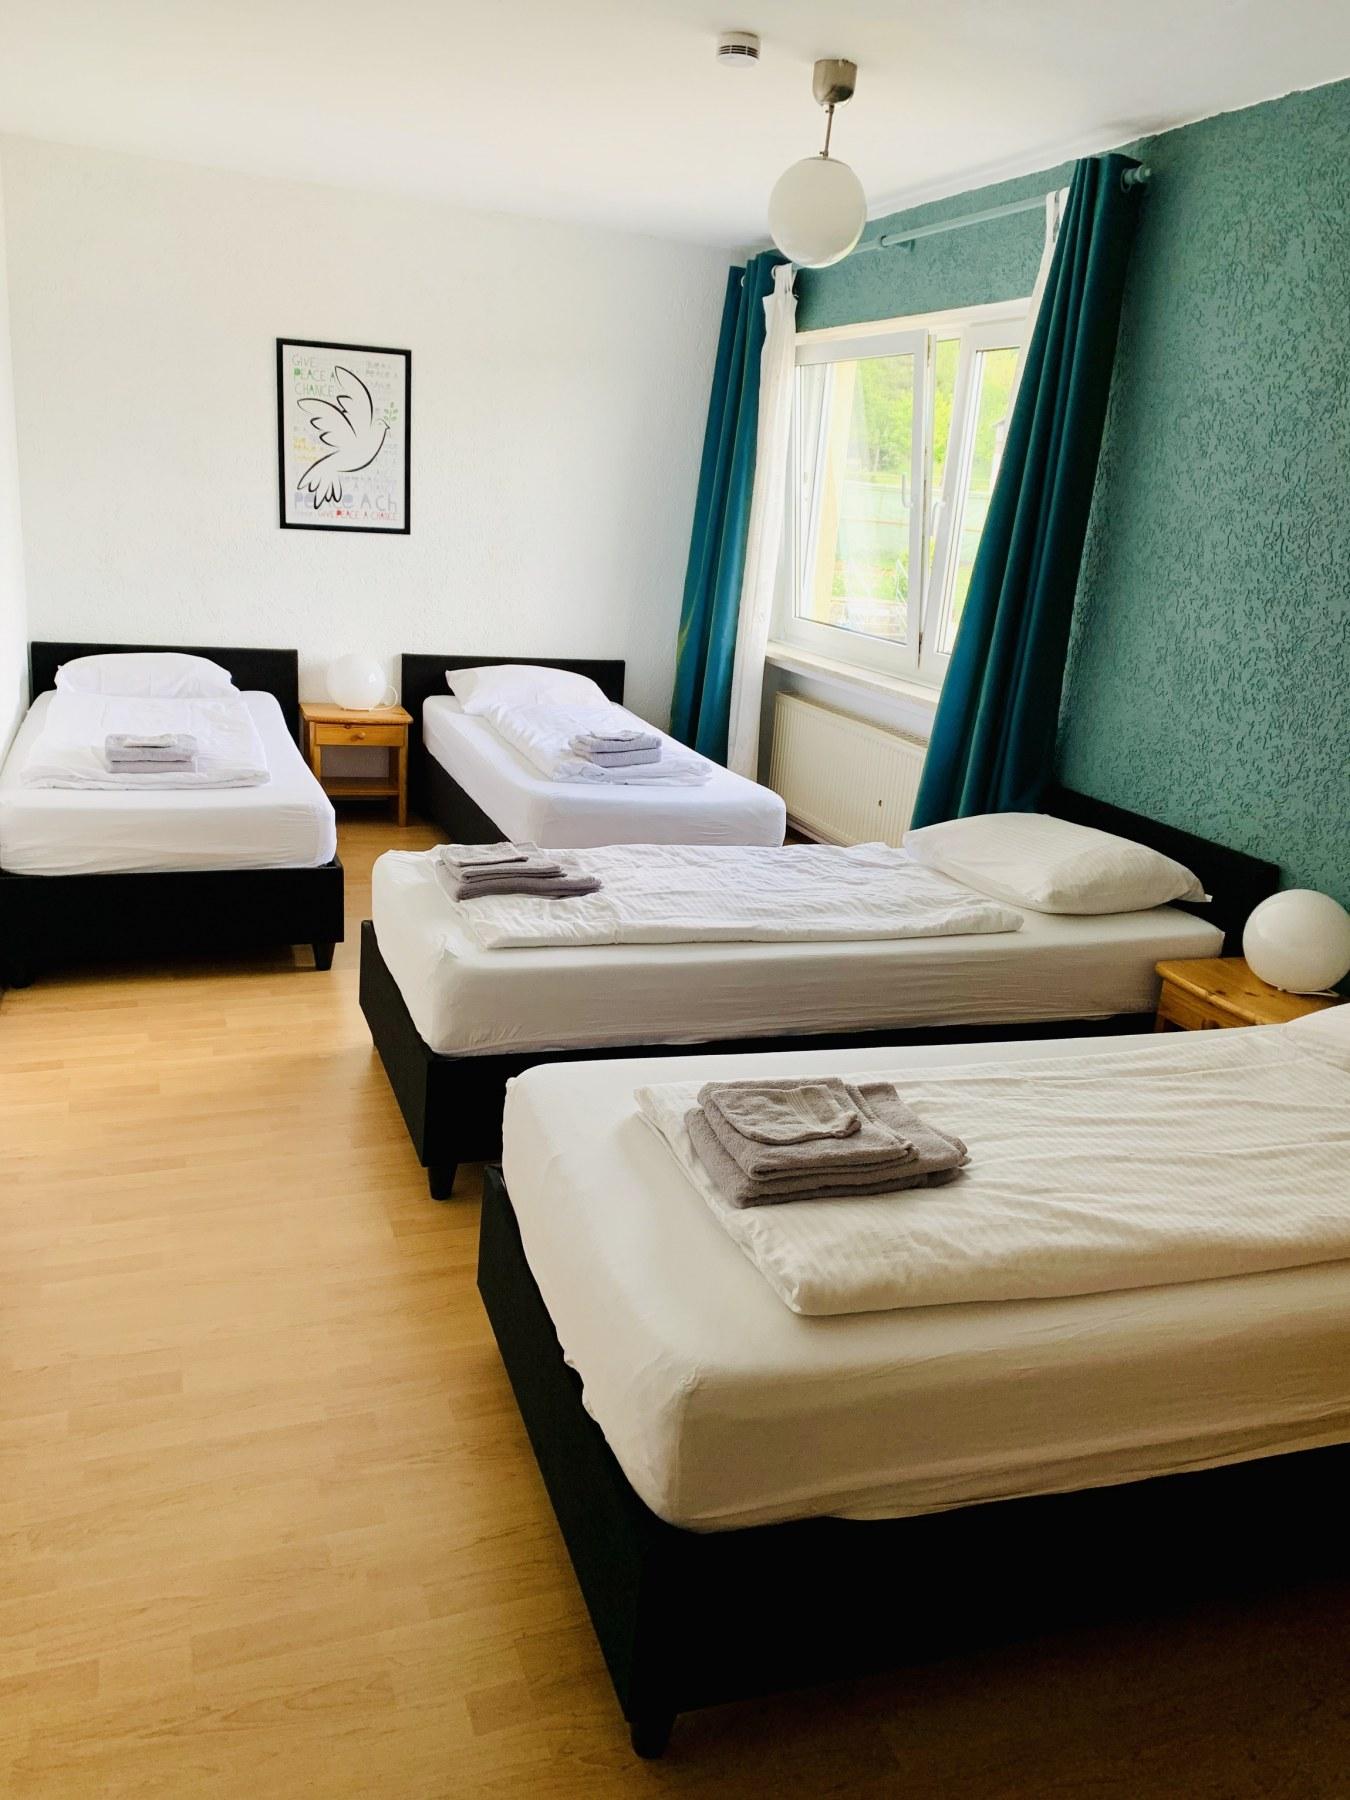 Ferienhaus Salm Slaapkamer vier personen